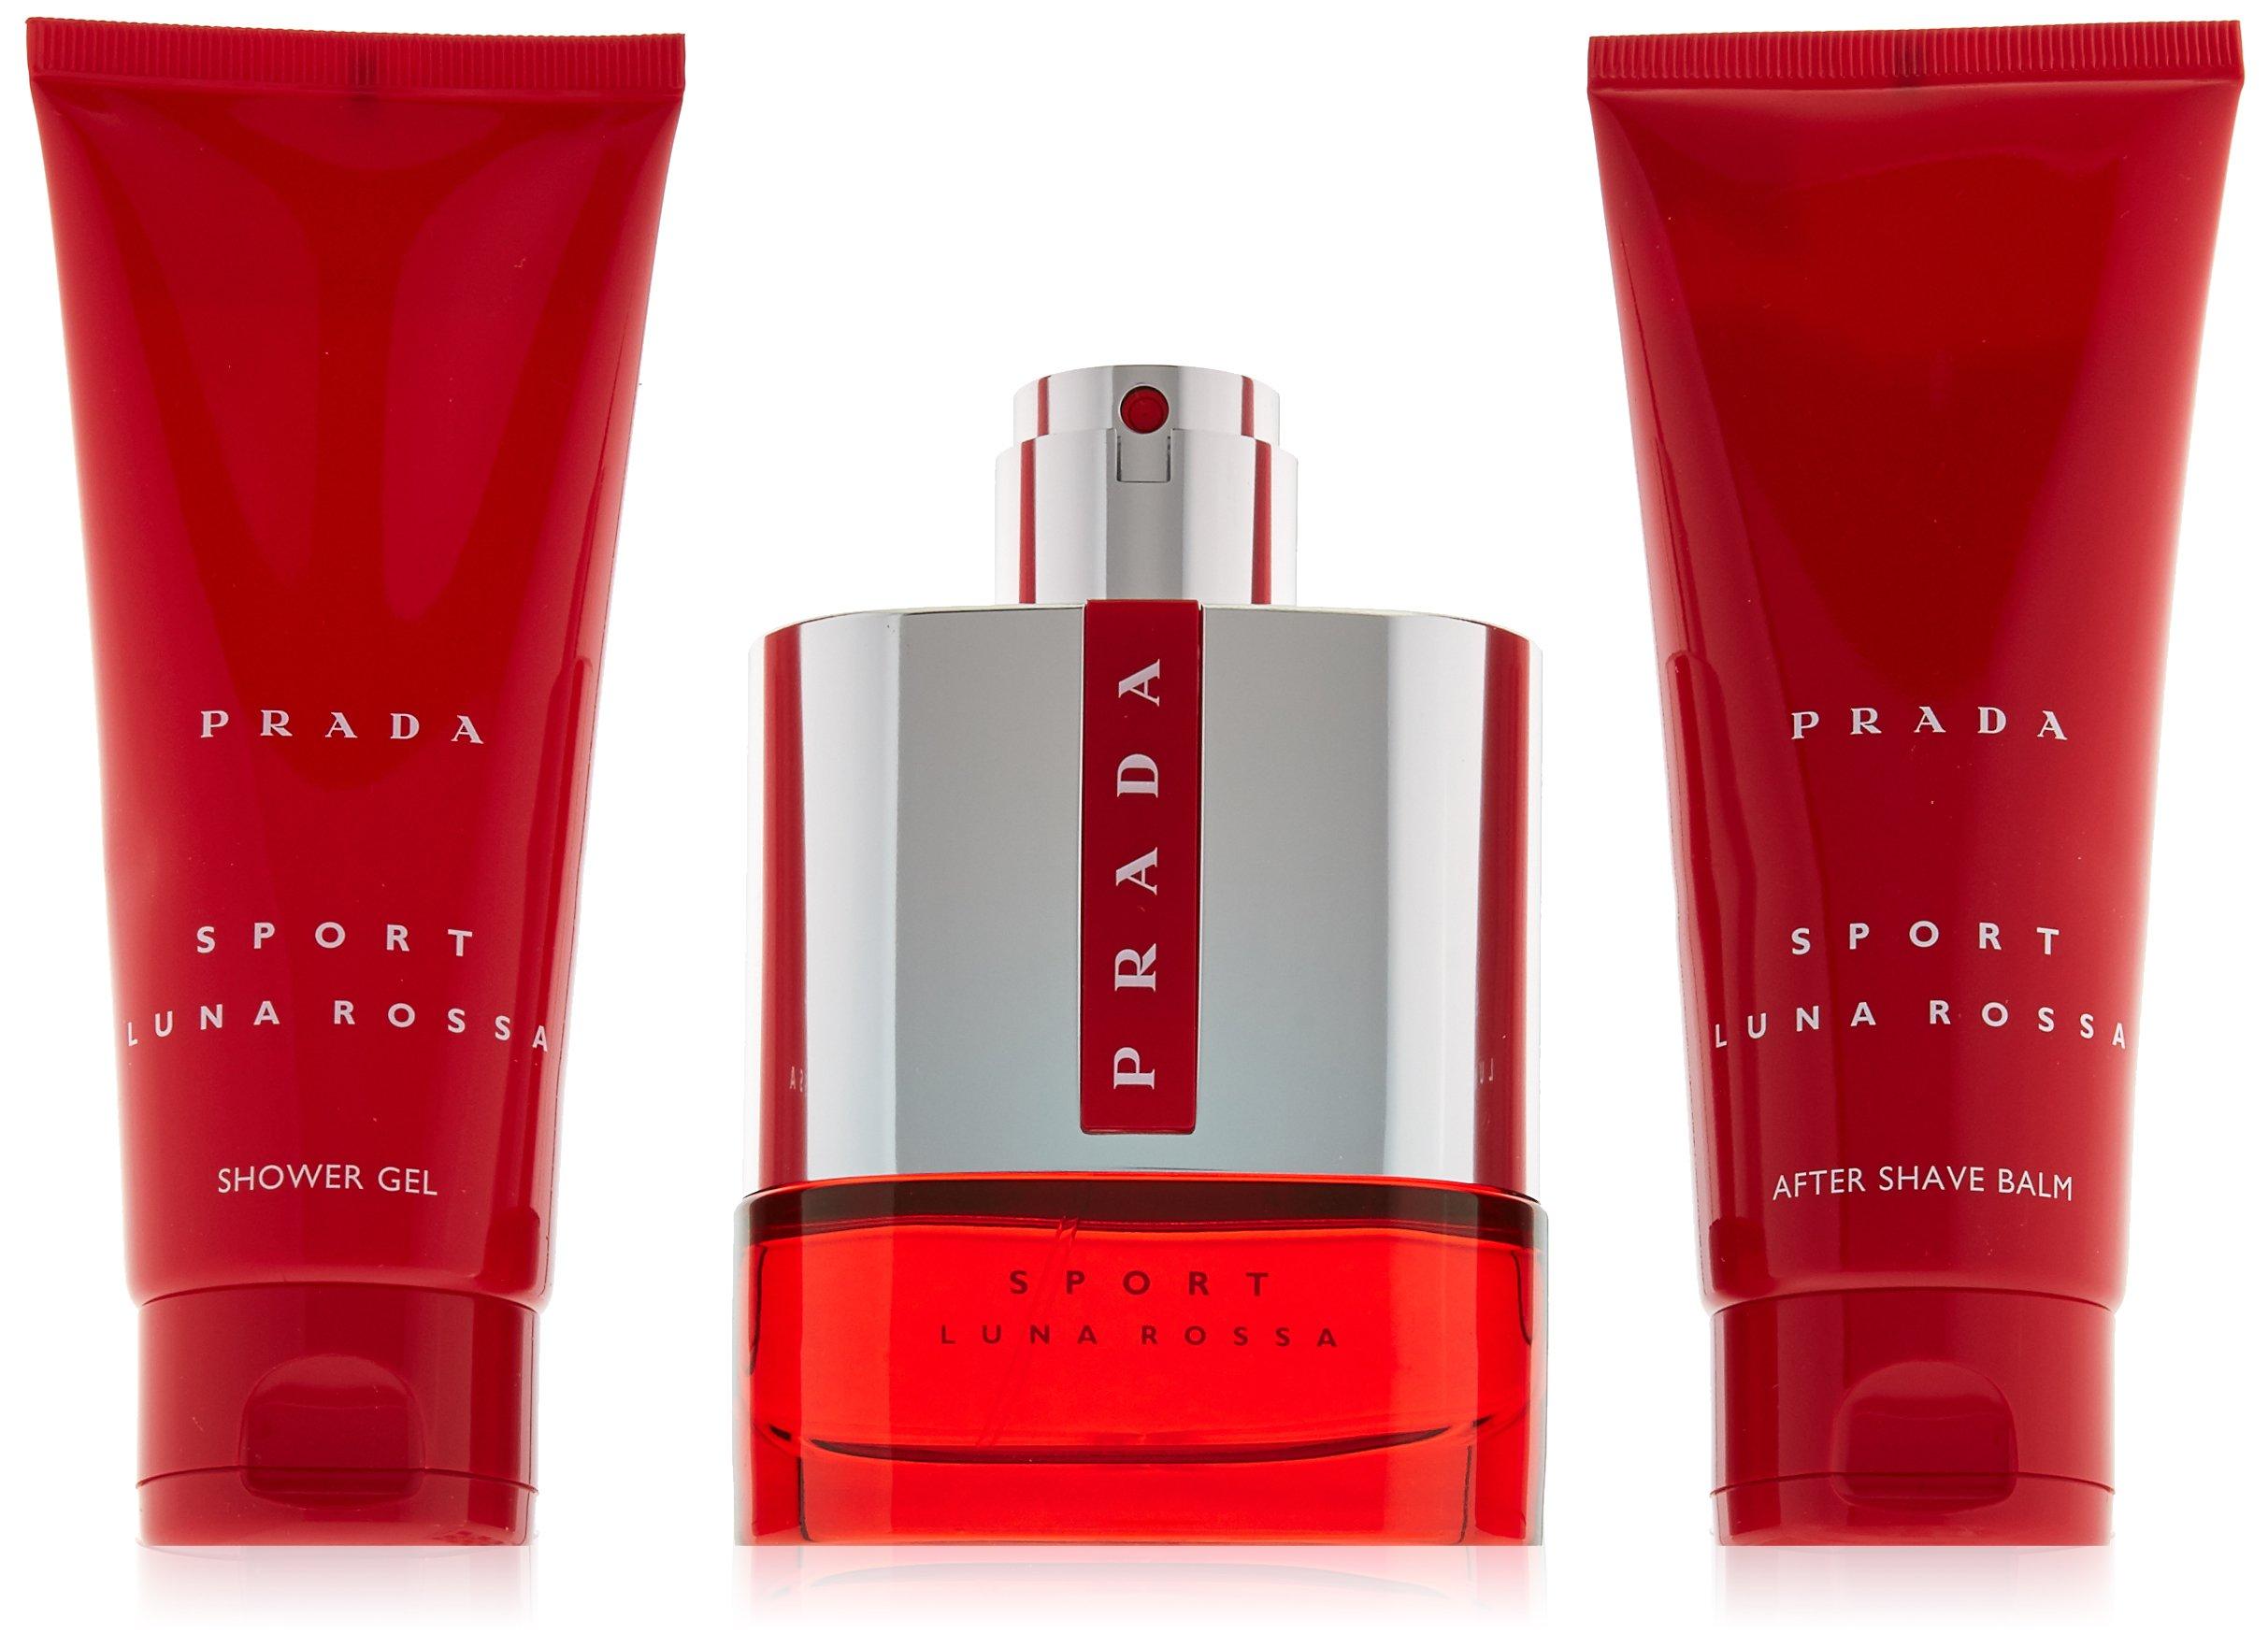 Prada Luna Rossa Sport for Men 3 PC (3.4 Eau De Toilette / 3.4 shower gel / 3.4 after shave balm) by Prada